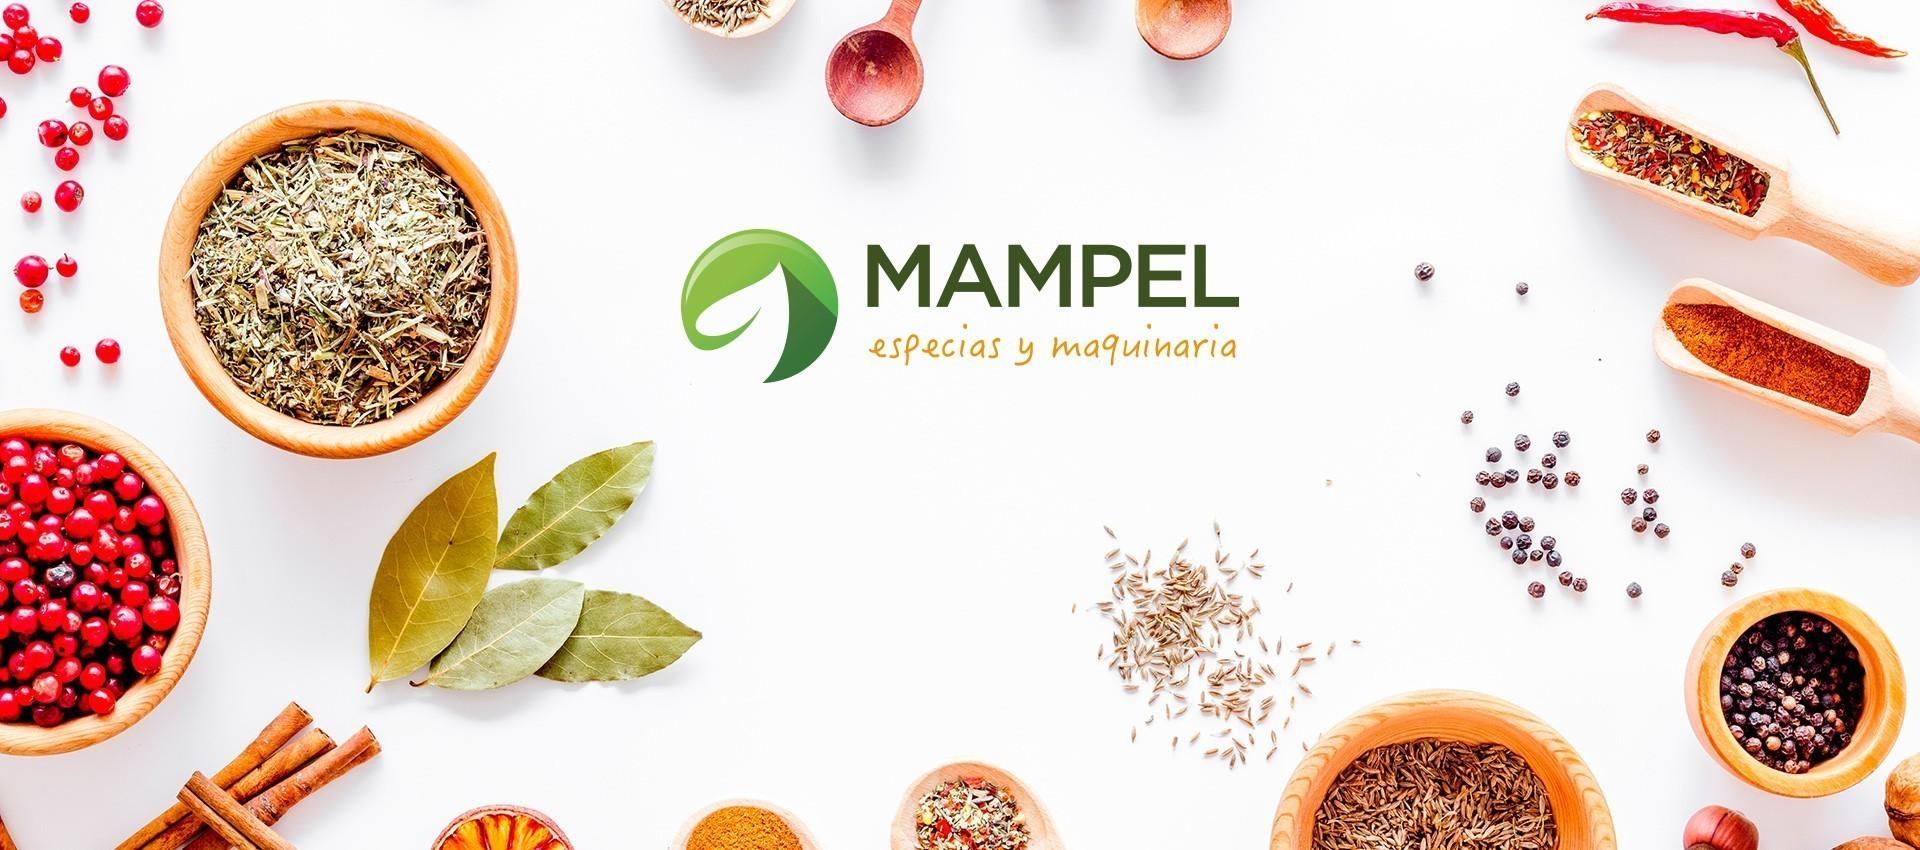 Mampel 2